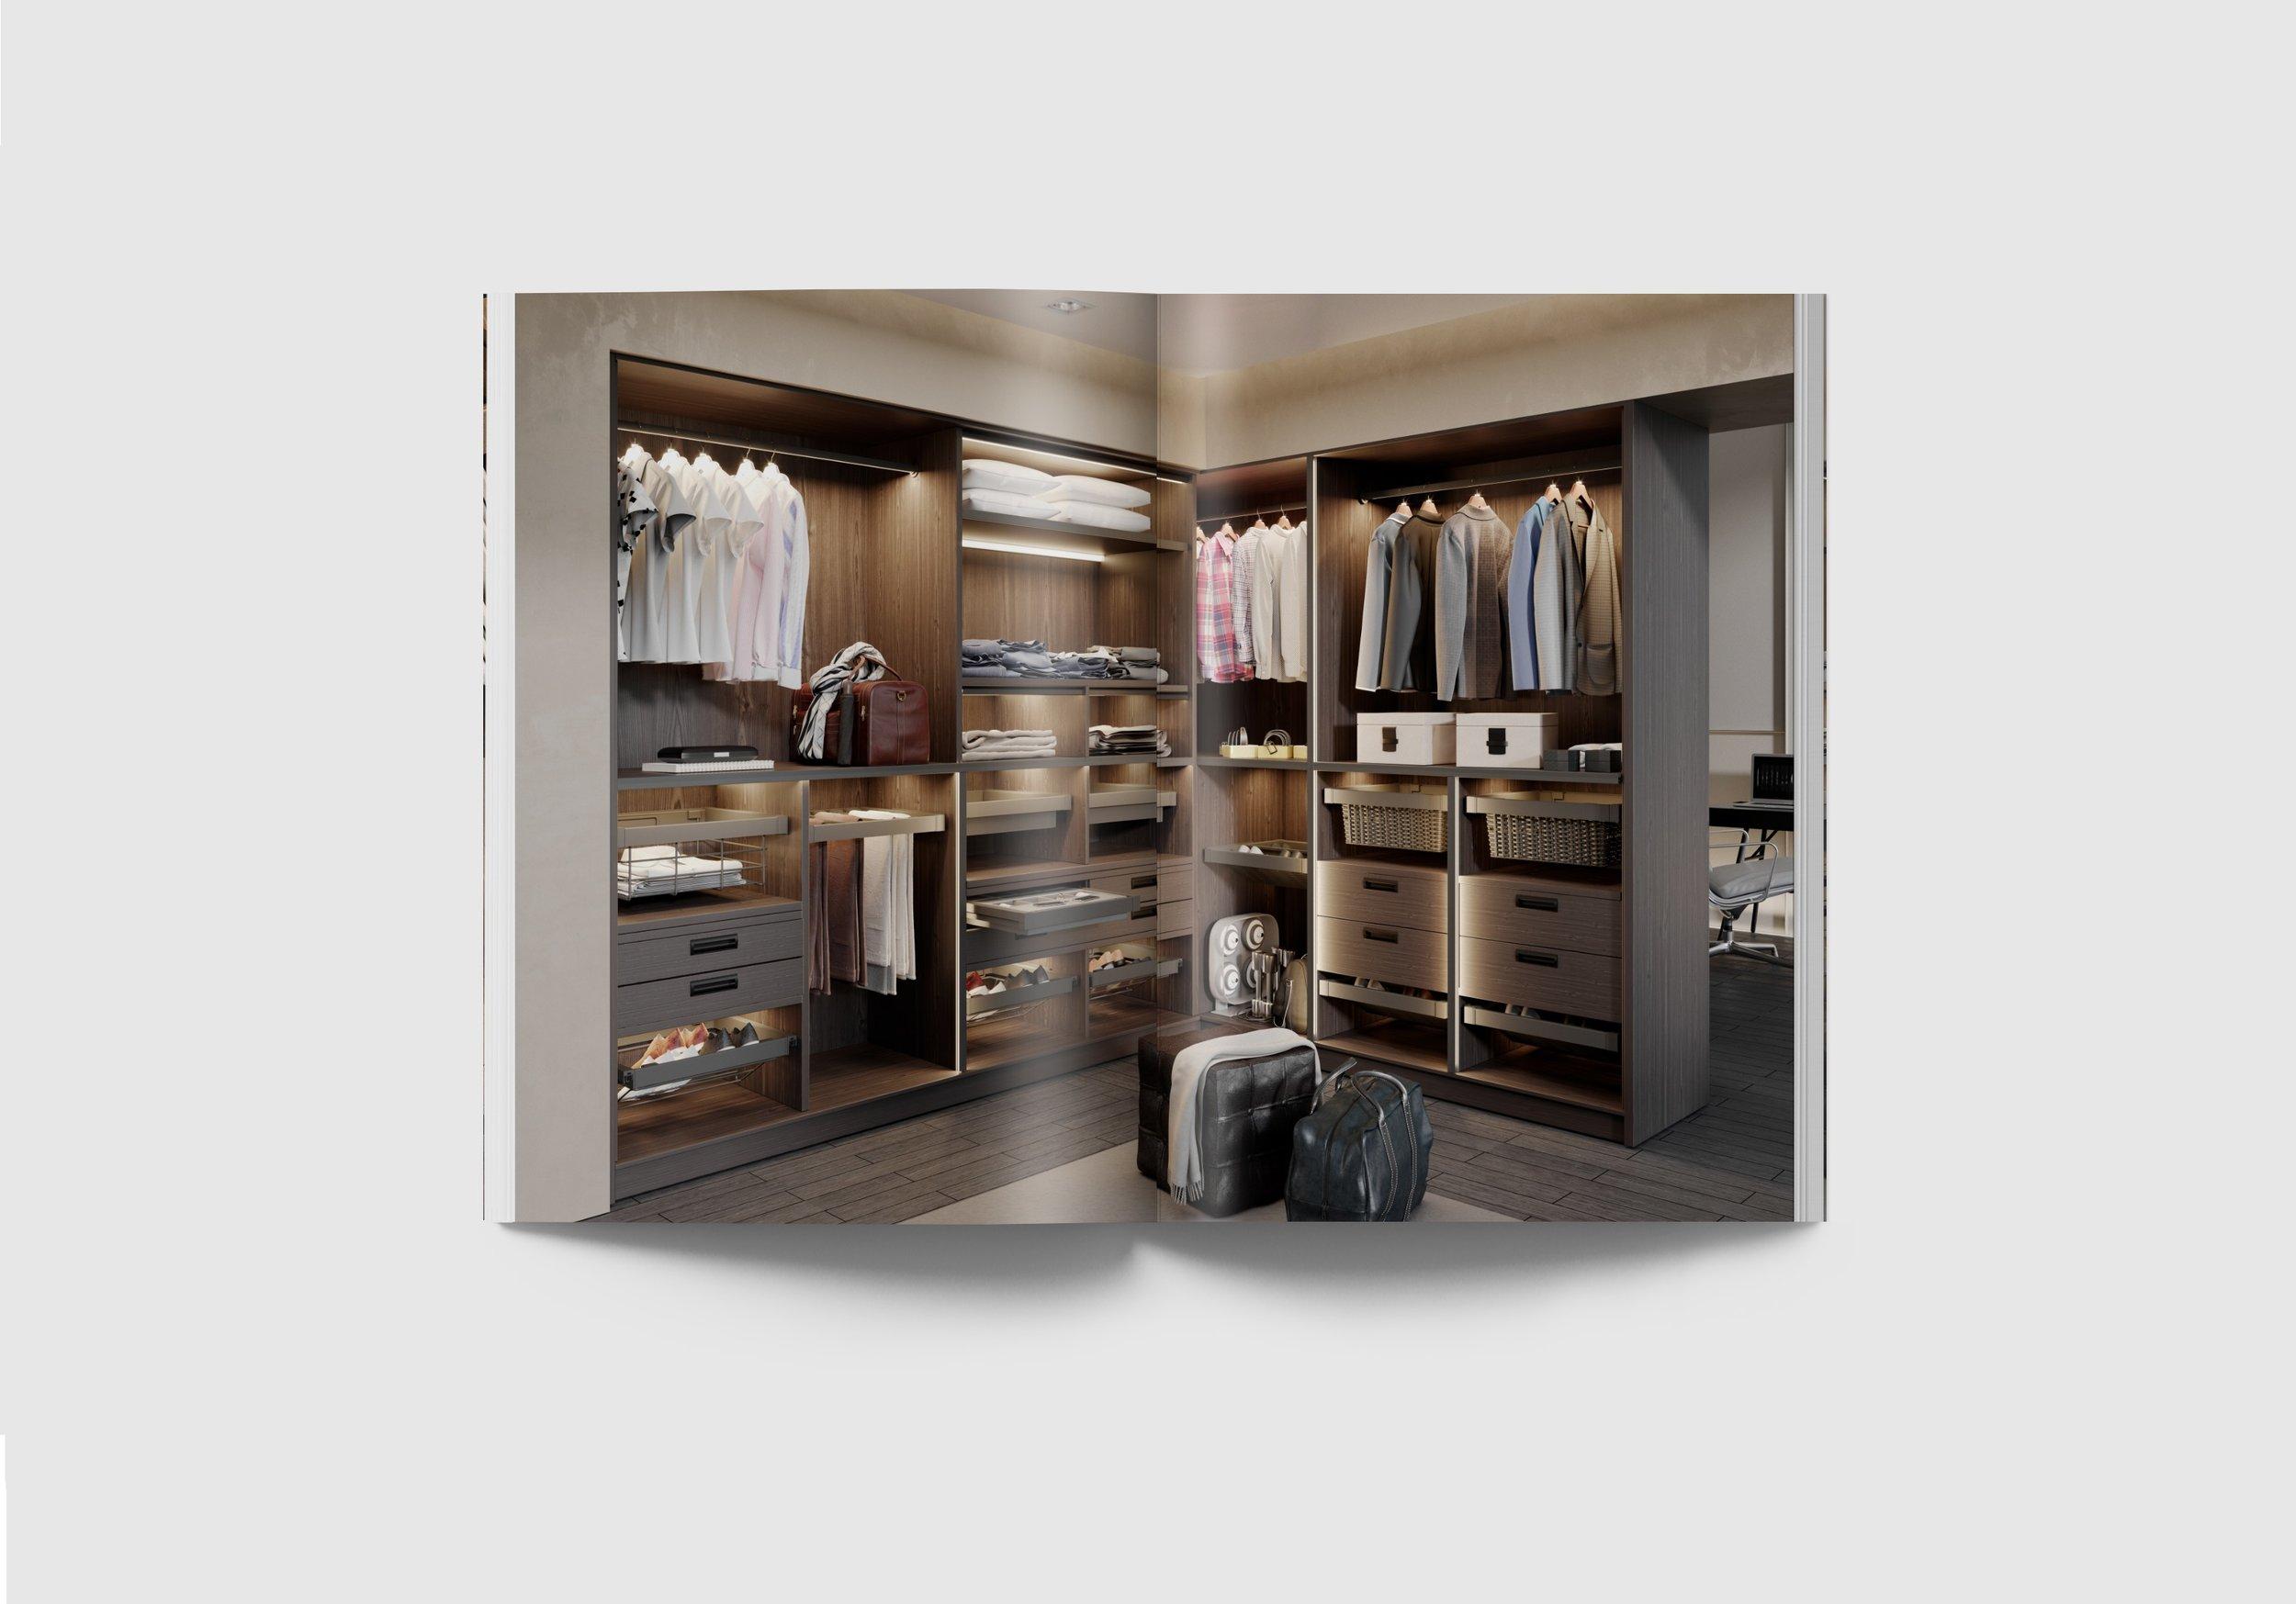 wizualizacja garderoby wizualizacja wnetrza.jpg